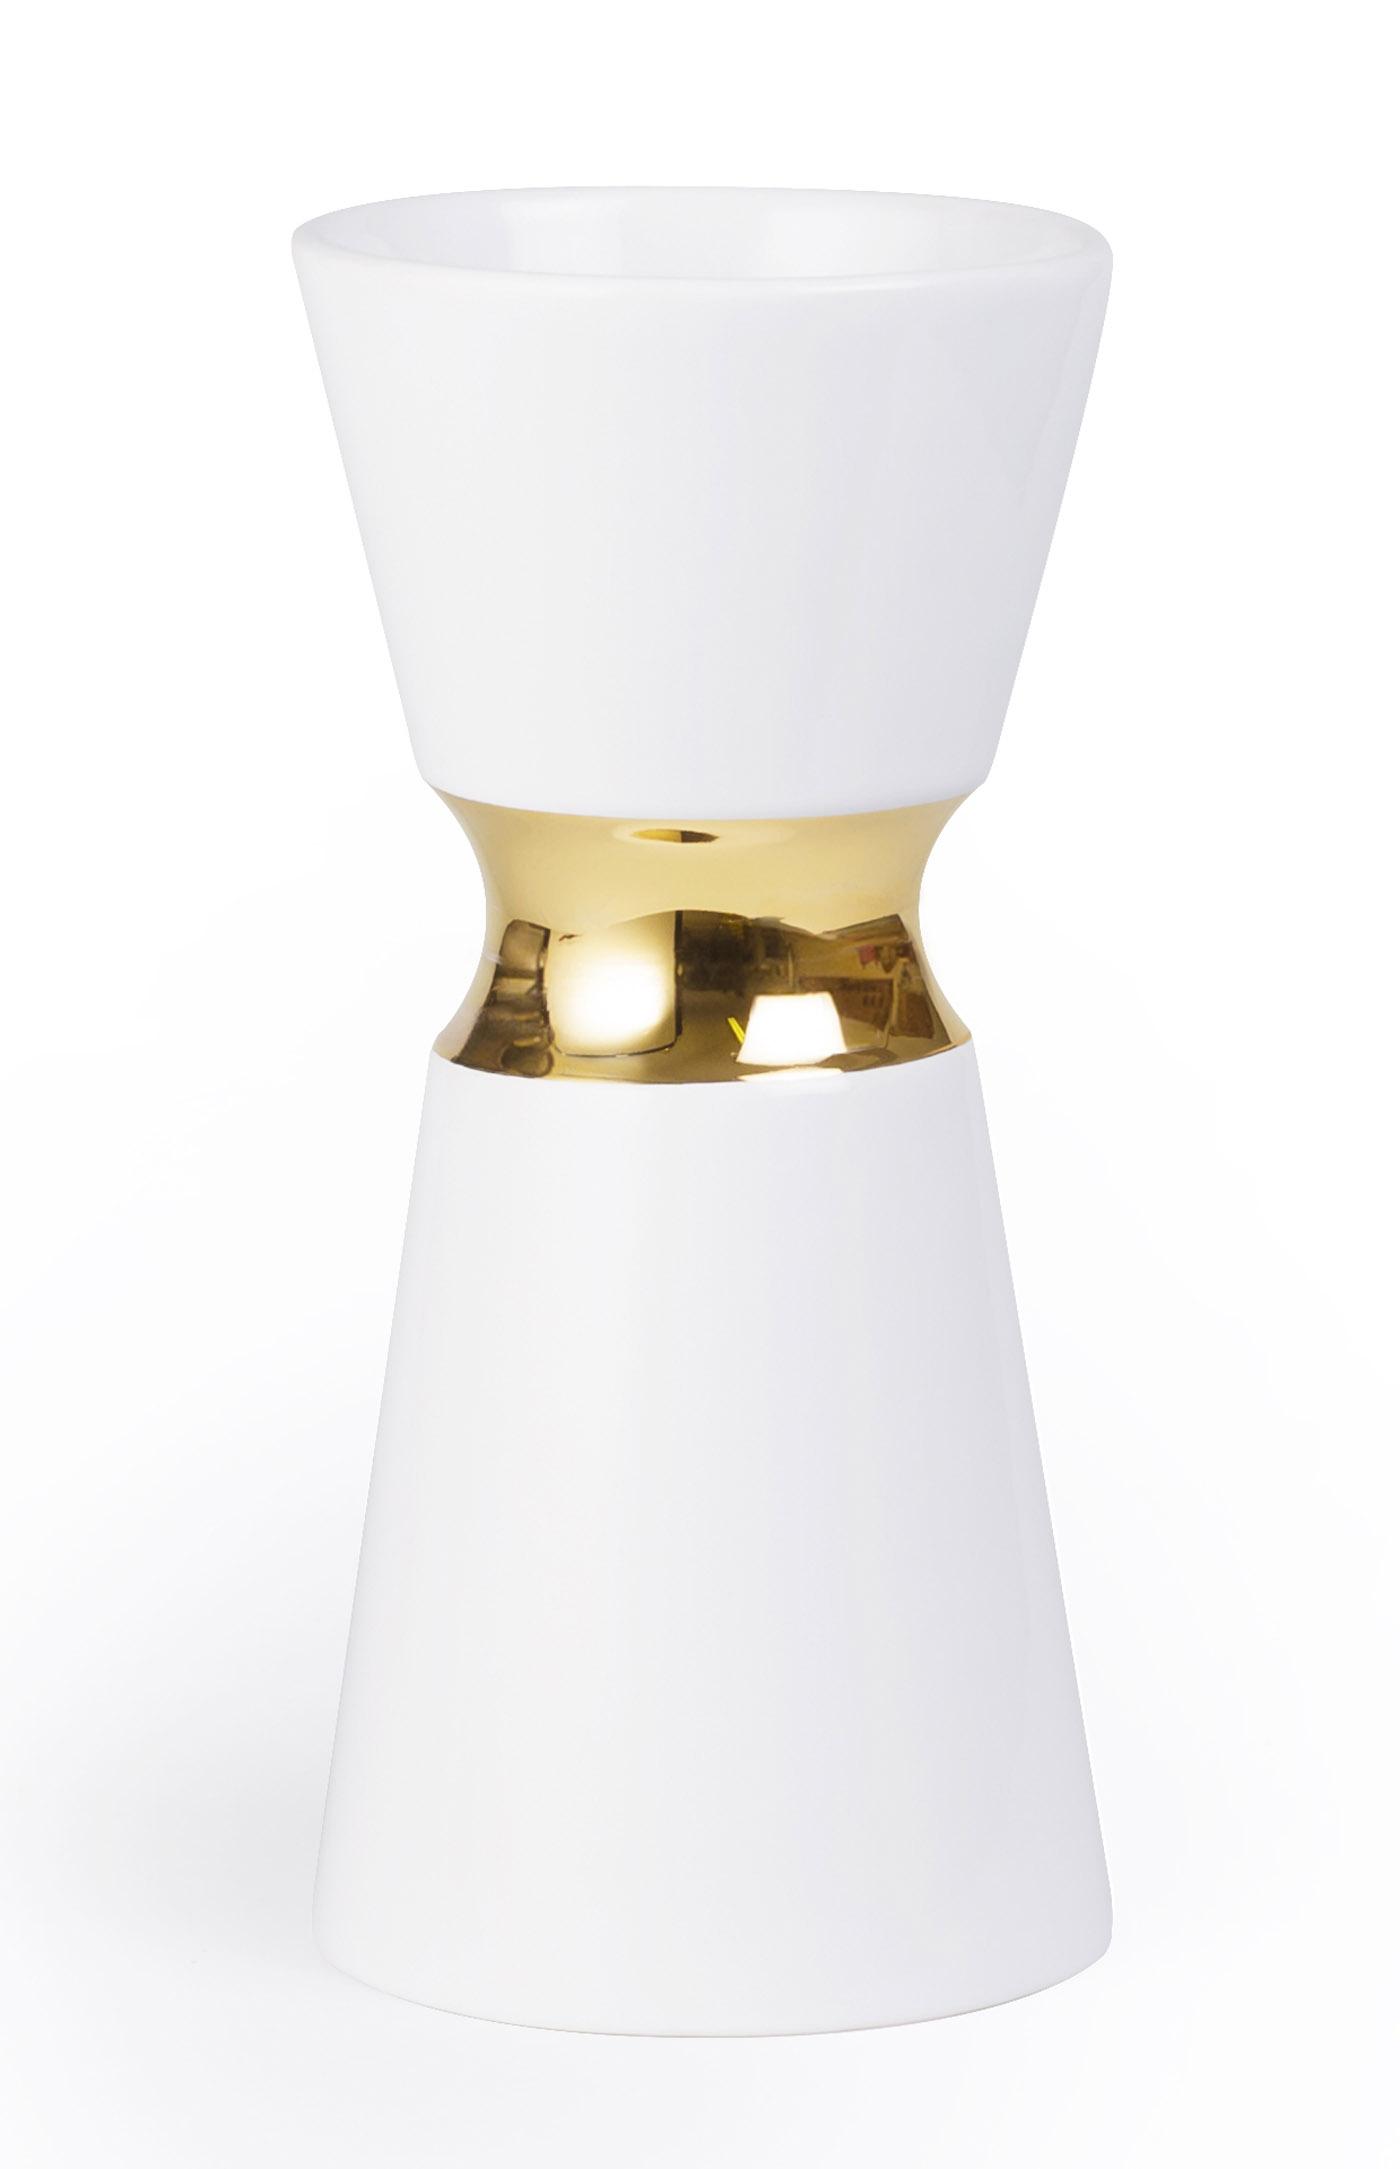 vase haut nec blanc et or vase haut hauts blancs et le. Black Bedroom Furniture Sets. Home Design Ideas